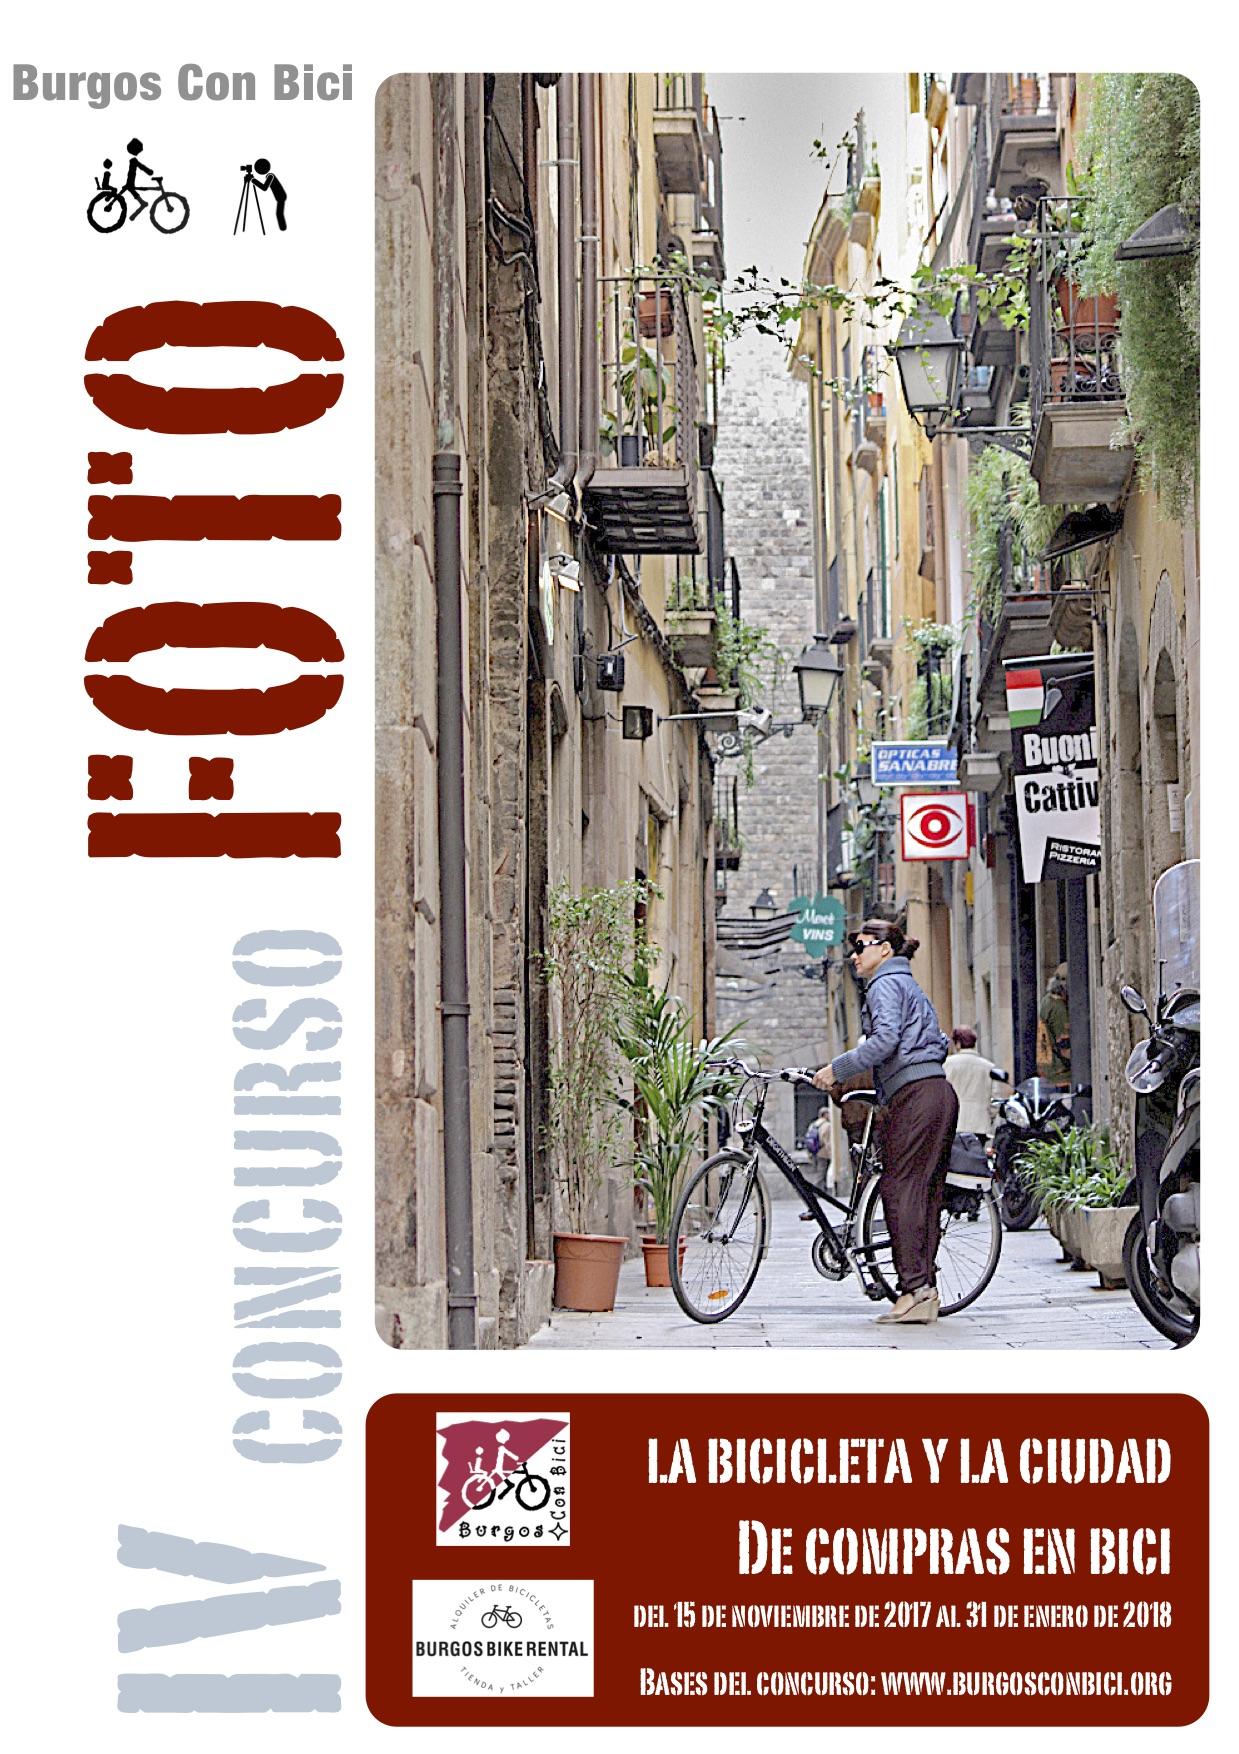 Cartel IV Concurso de Fotografía de Burgos Con bici. Tema De compras en Bici